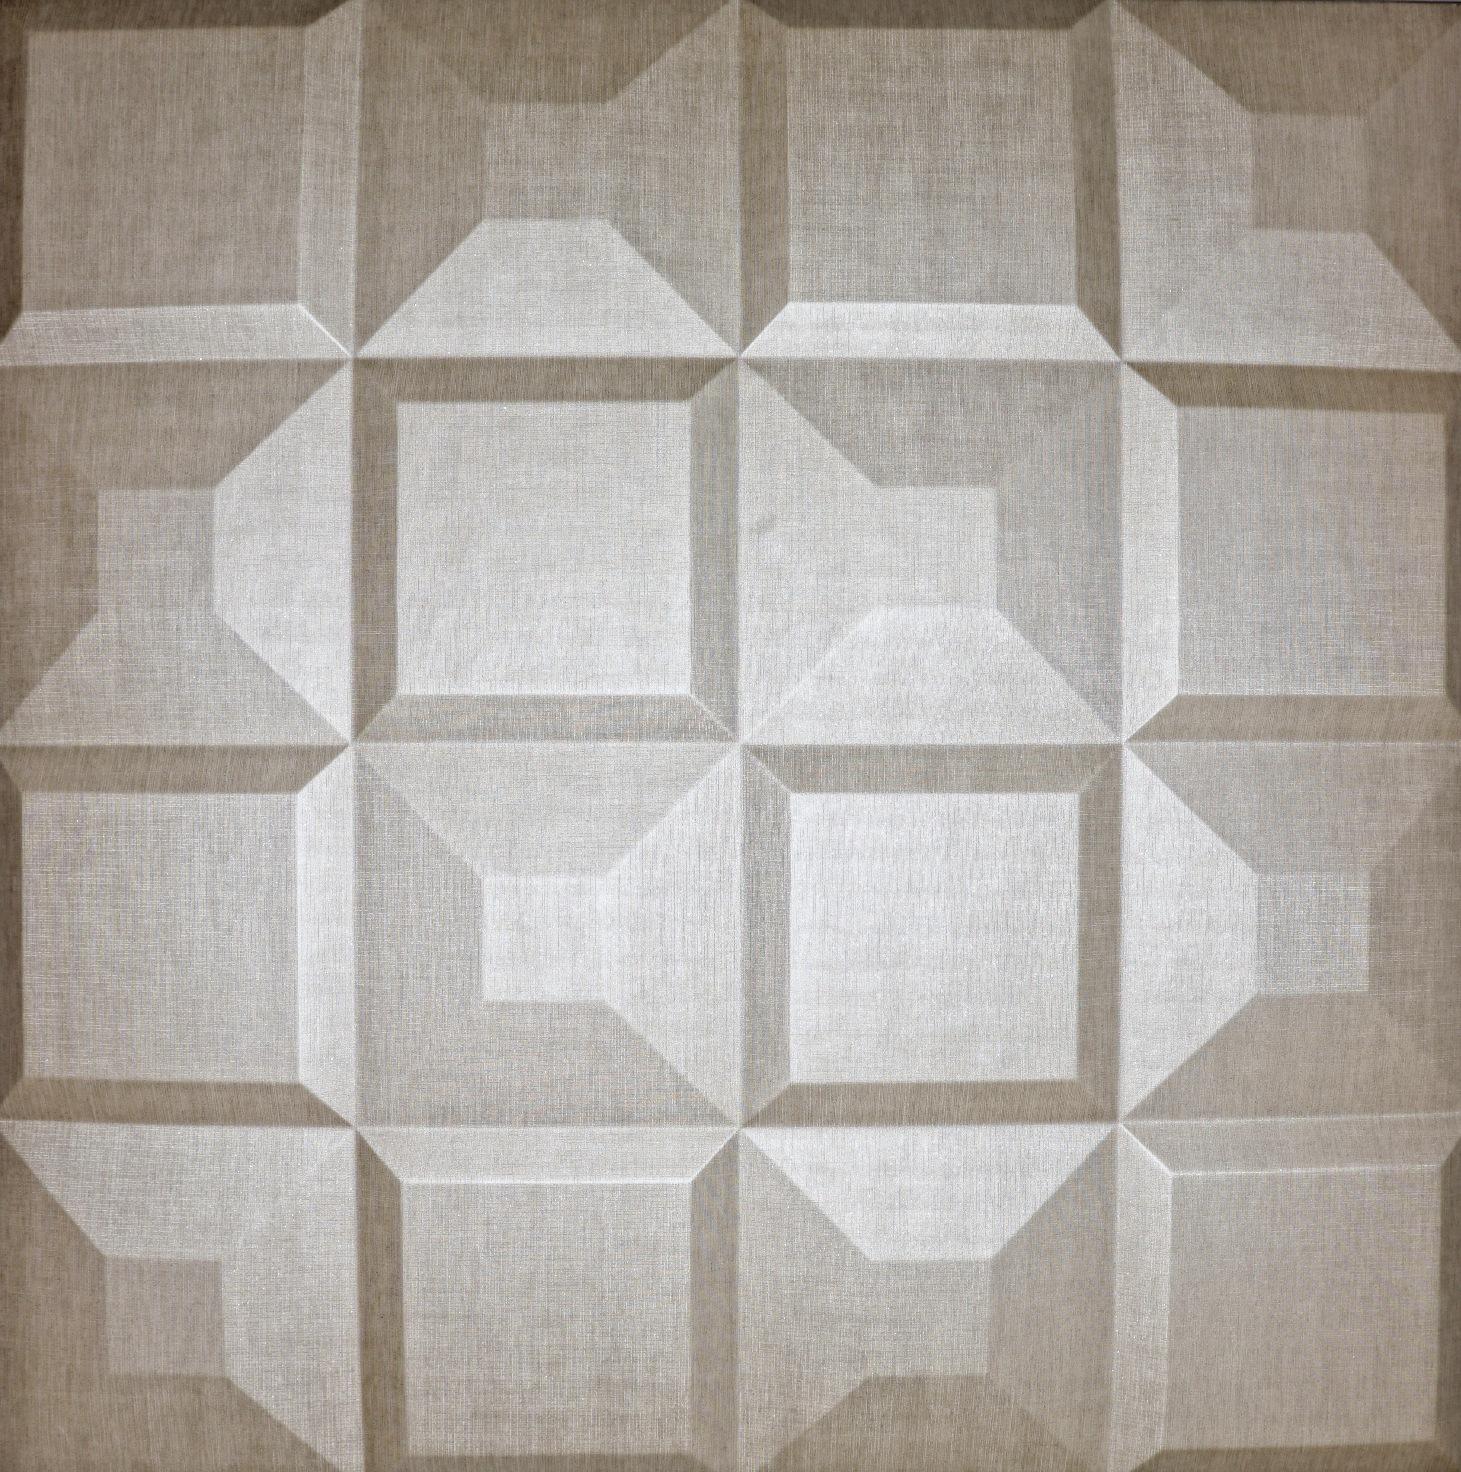 MATRIX HS-505A WHITE Image